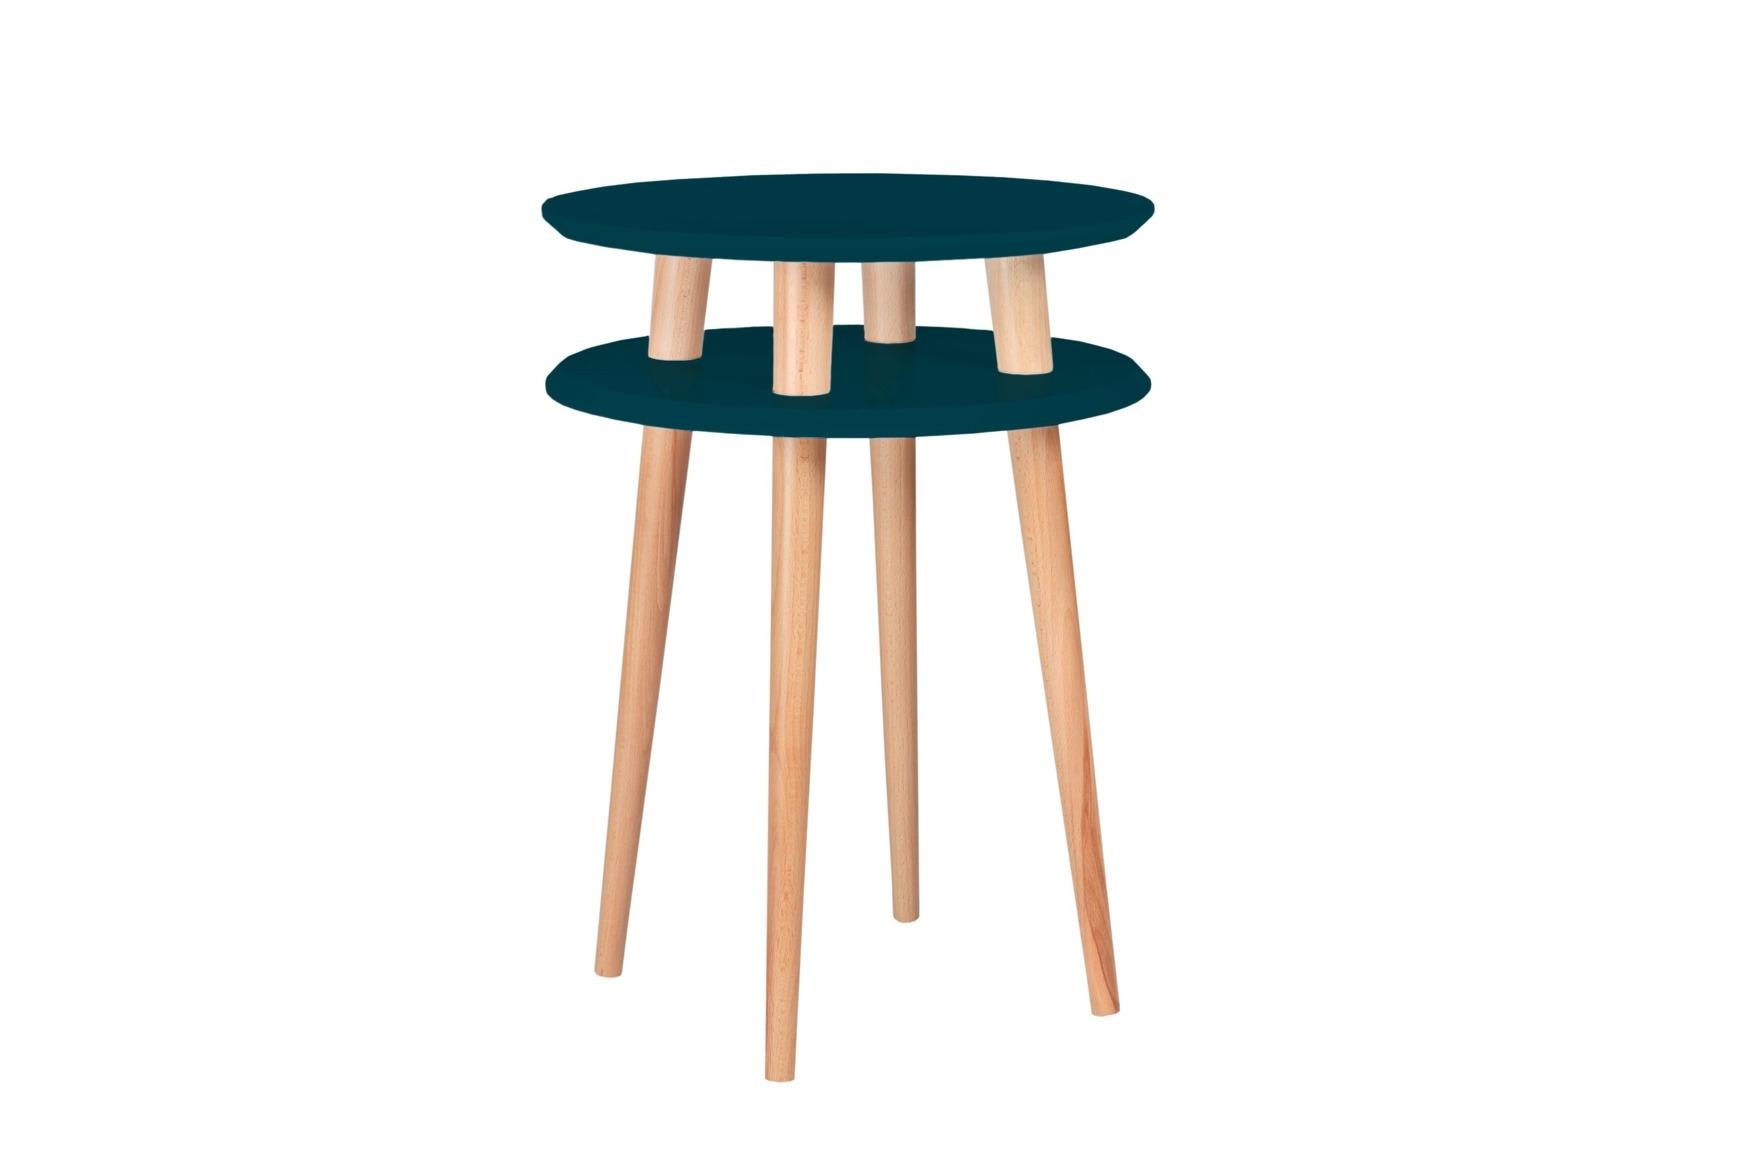 Masa de cafea din lemn de fag si MDF Ufo High Petrol Blue / Beech O45xH61 cm